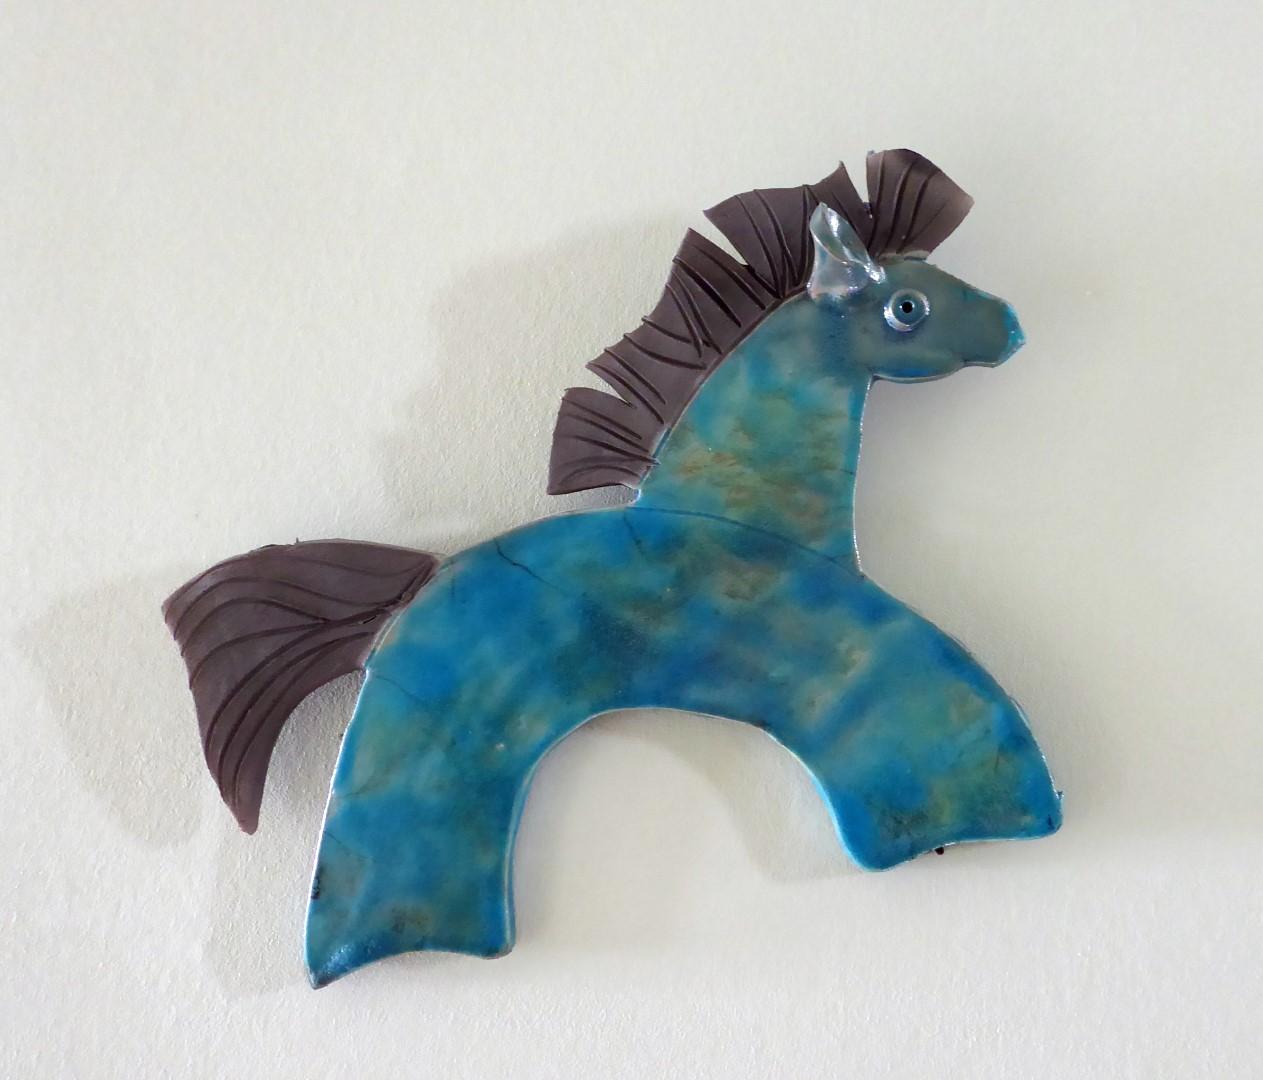 Blue ceramic horse